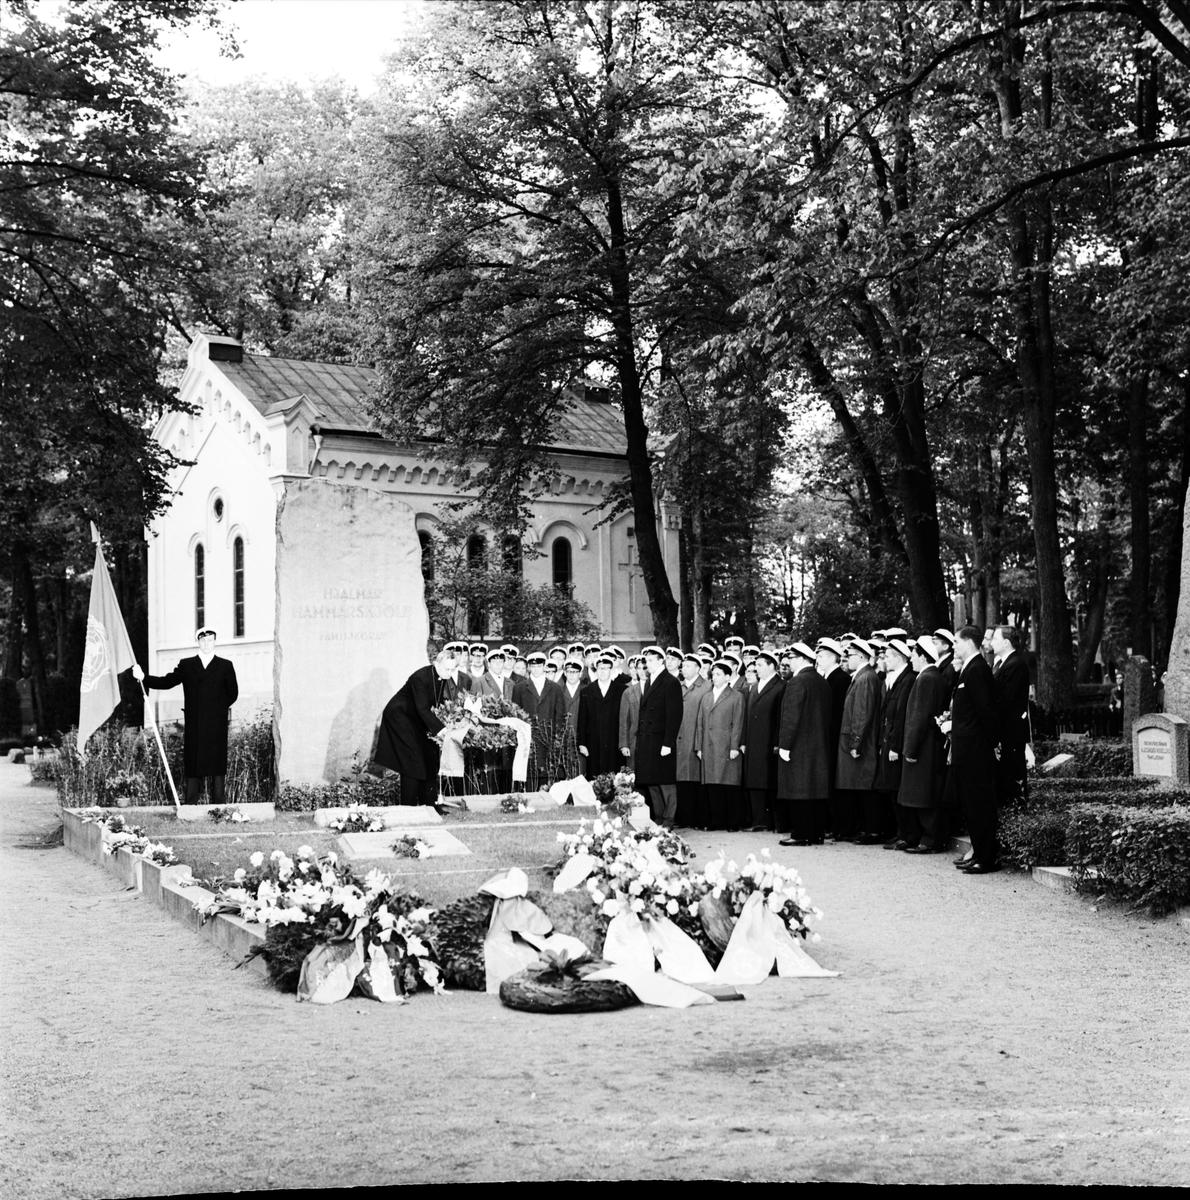 Dag Hammarskjölds minne hyllas, Uppsala gamla kyrkogård, Kungsgärdet september 1962